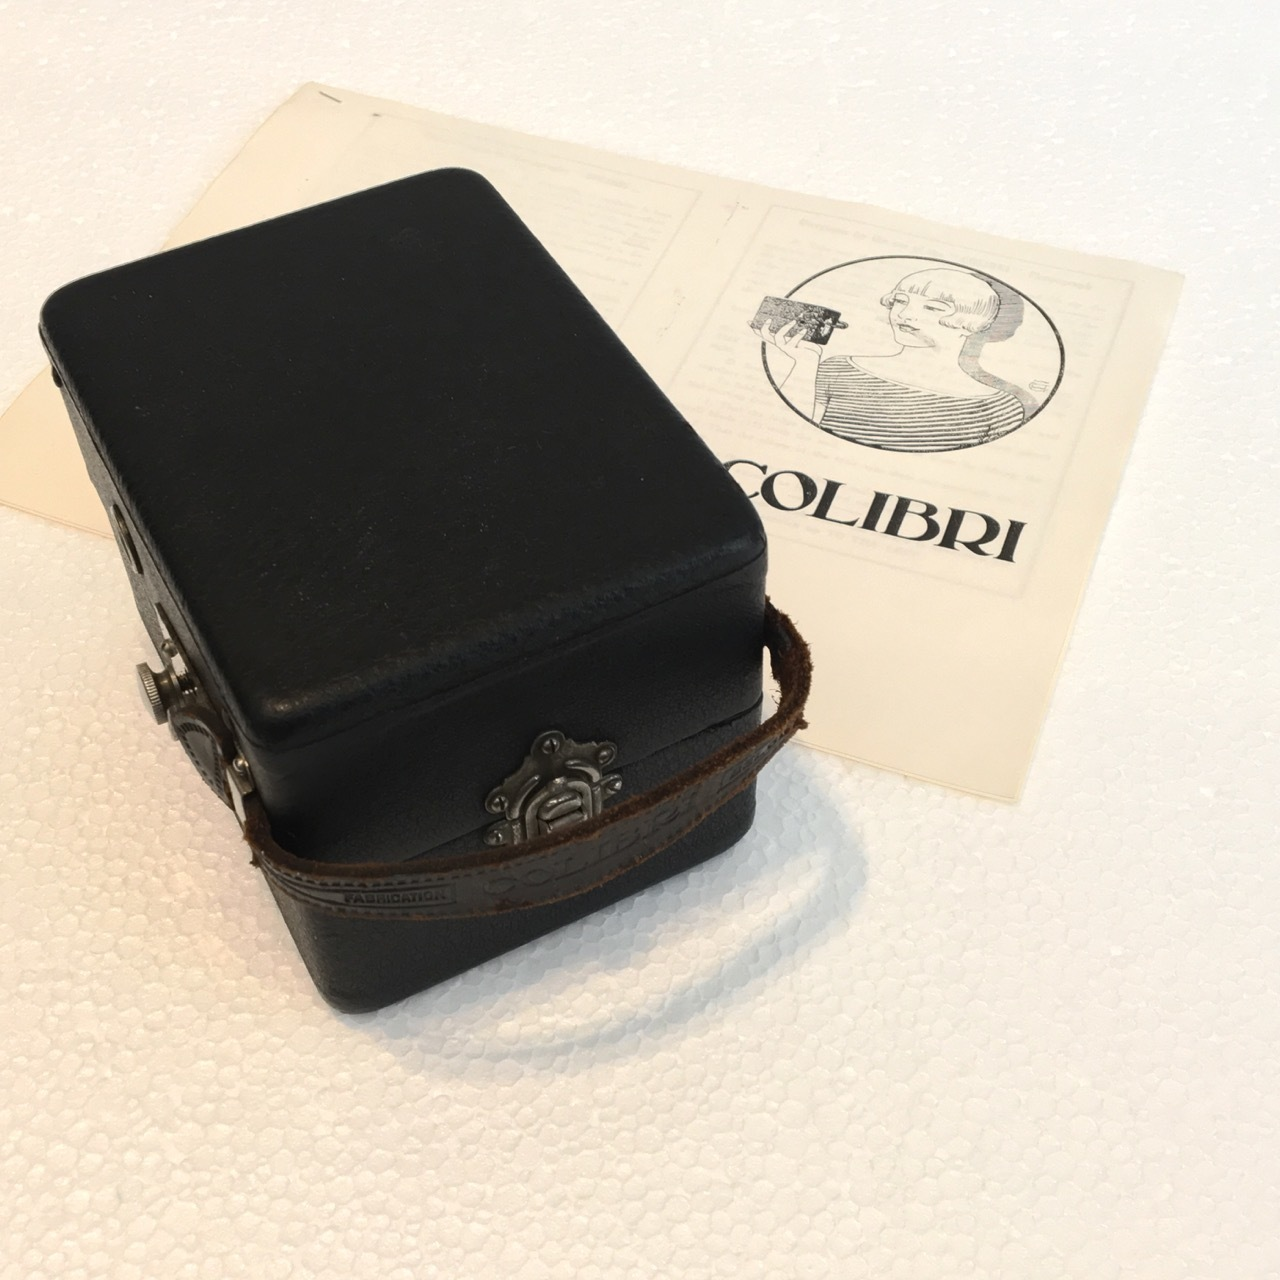 ベルギーの豆蓄音機「コリブリ」_a0047010_11554837.jpg